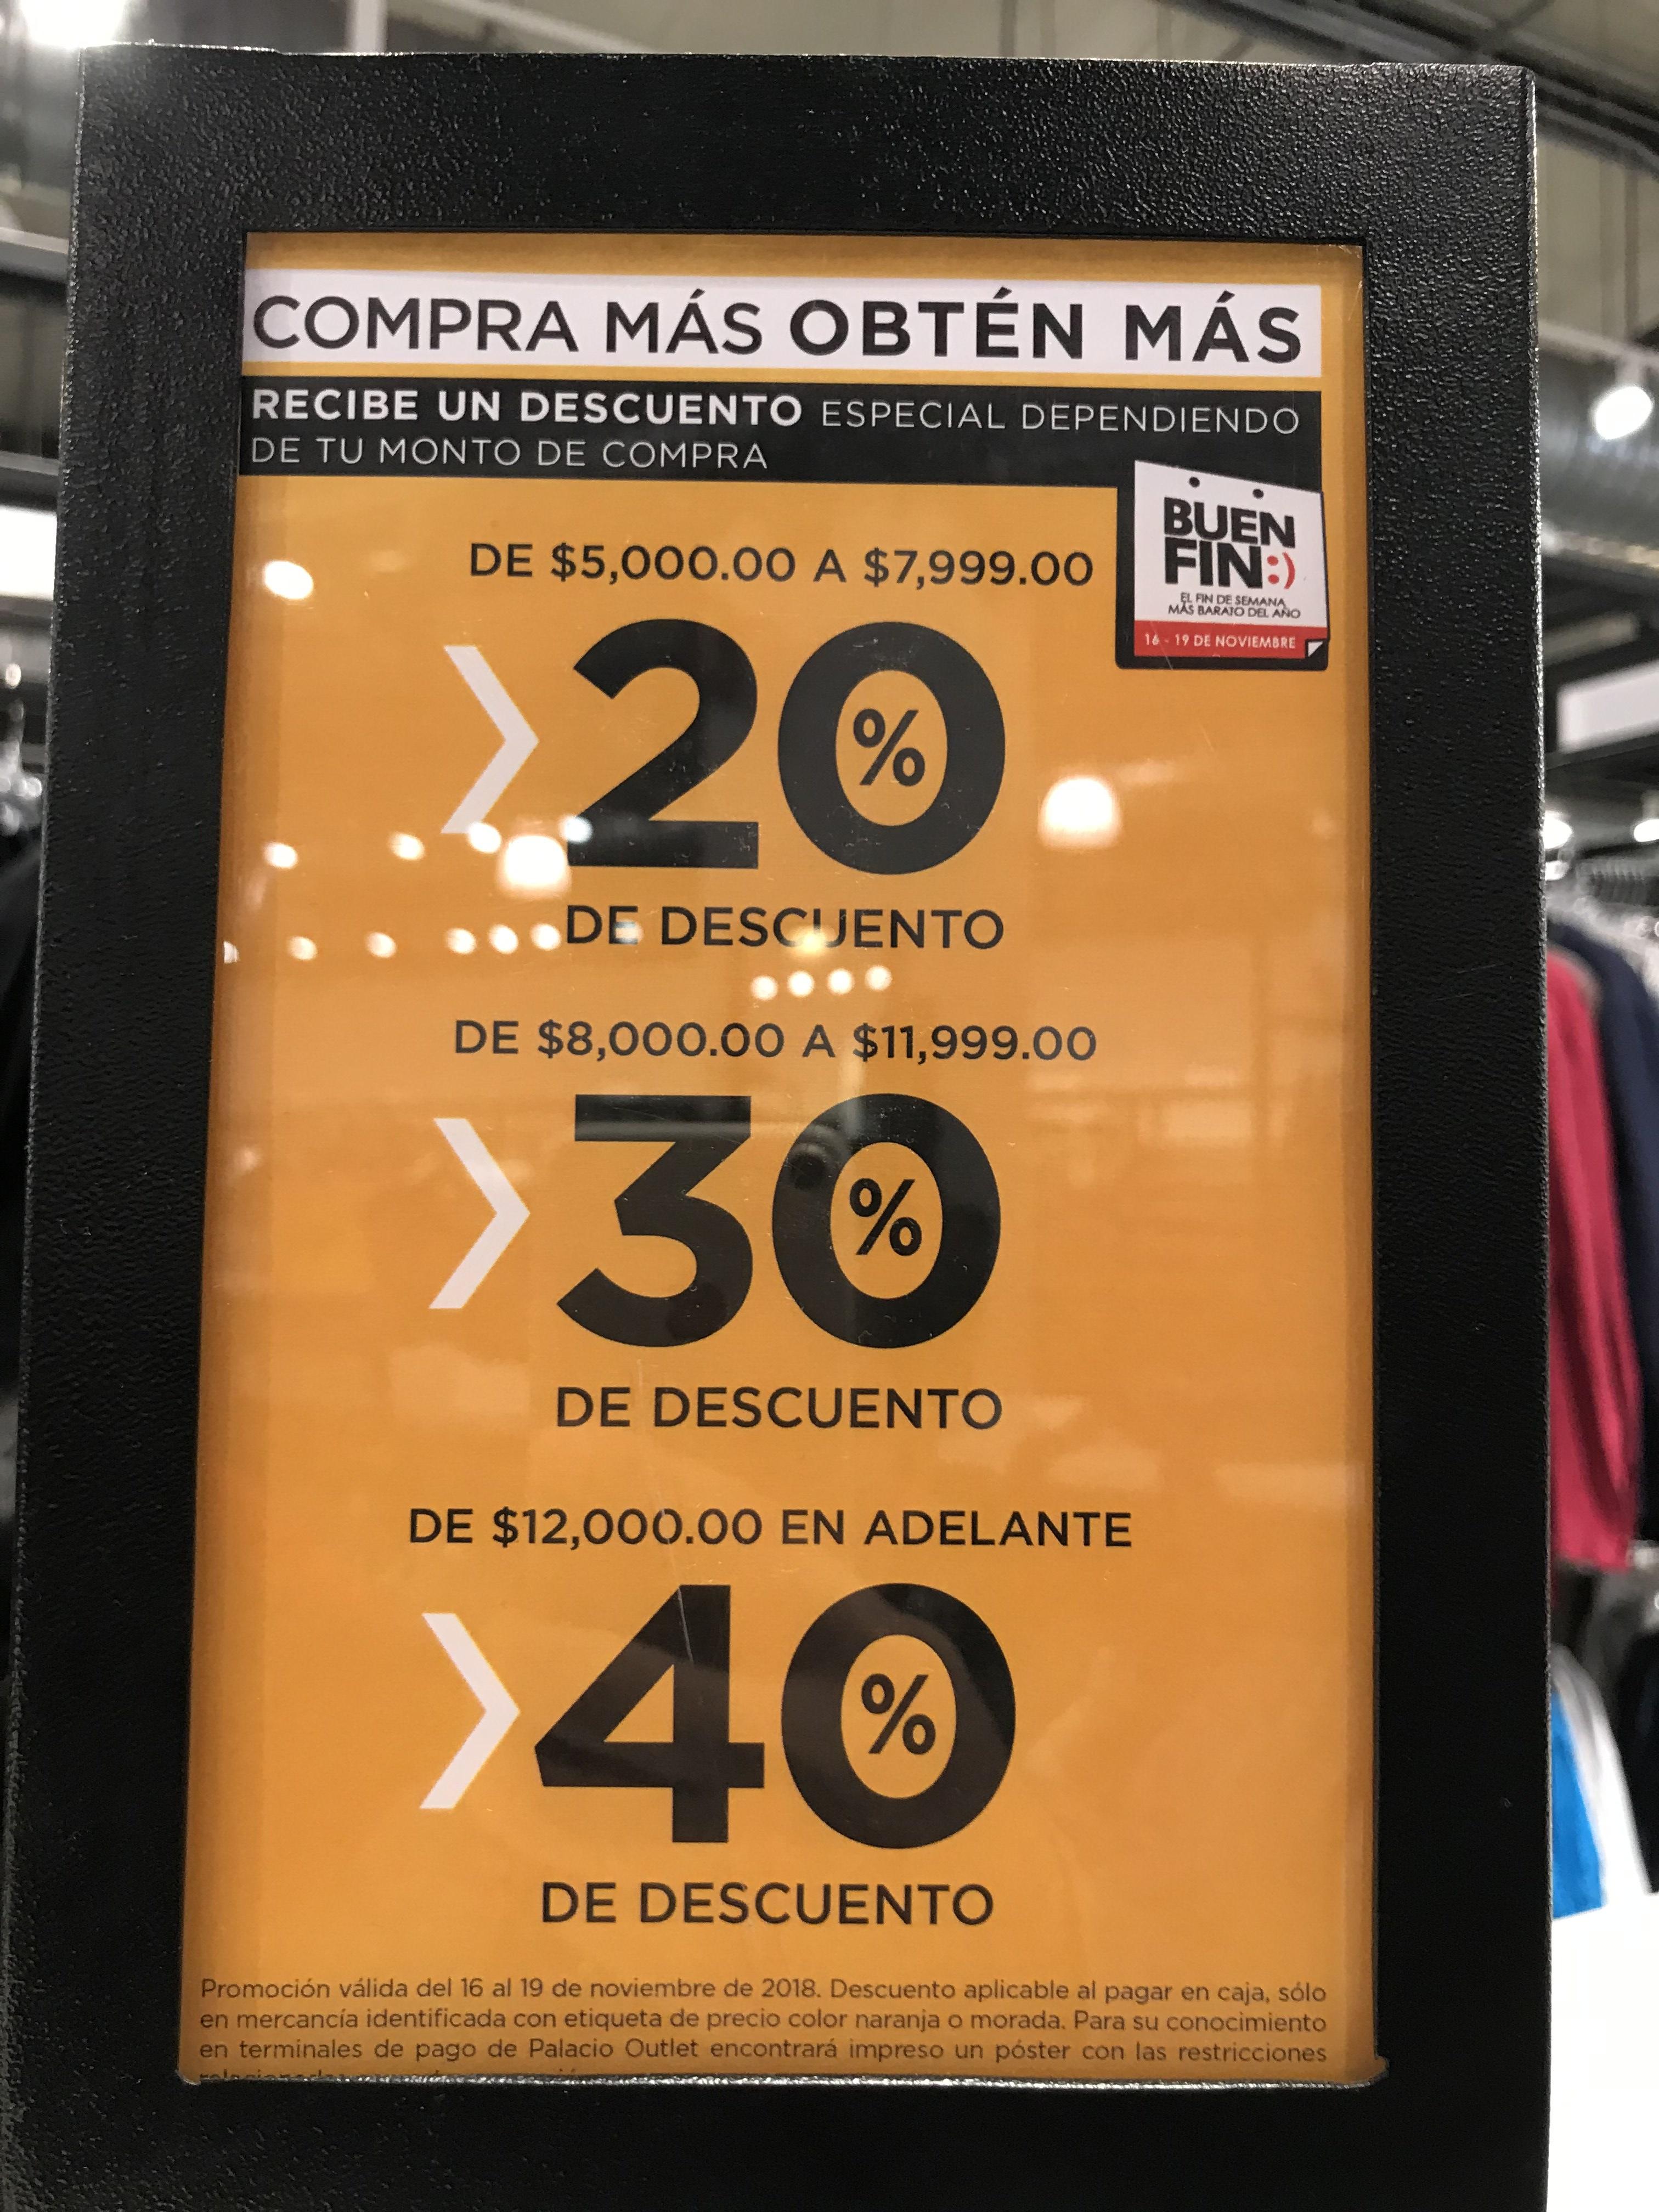 Palacio de Hierro Outlet Punta Norte 40%+20%